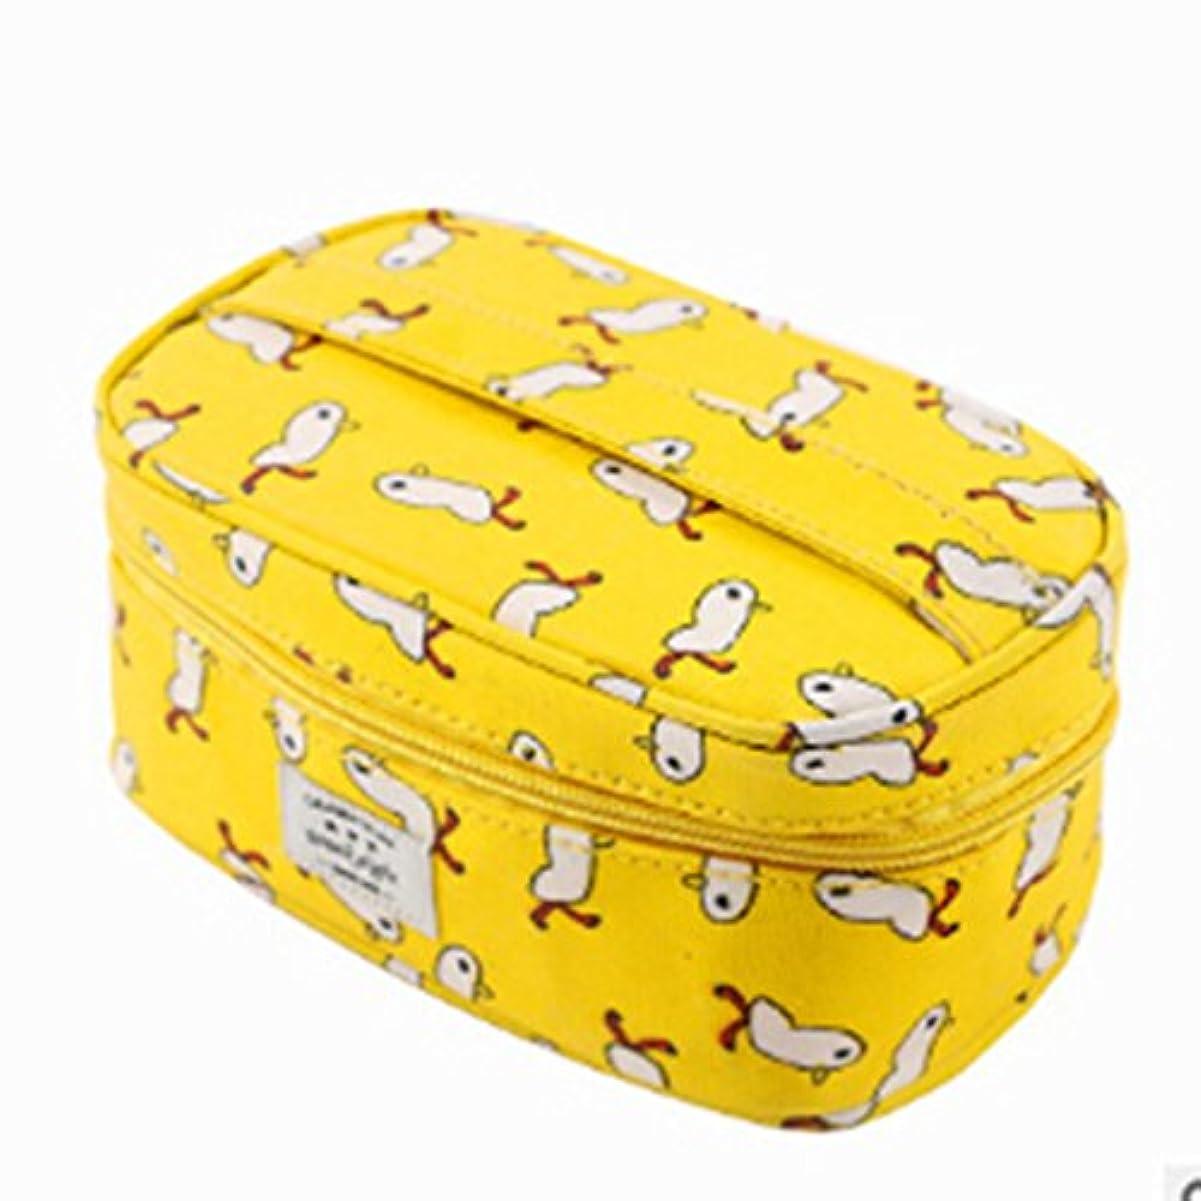 コンパイル規模横たわるMARUIKAO メイクケース 旅行用化粧ポーチ コスメバッグ 化粧品入れ トラベル化粧ポーチ 可愛い ゴールデンイエロー